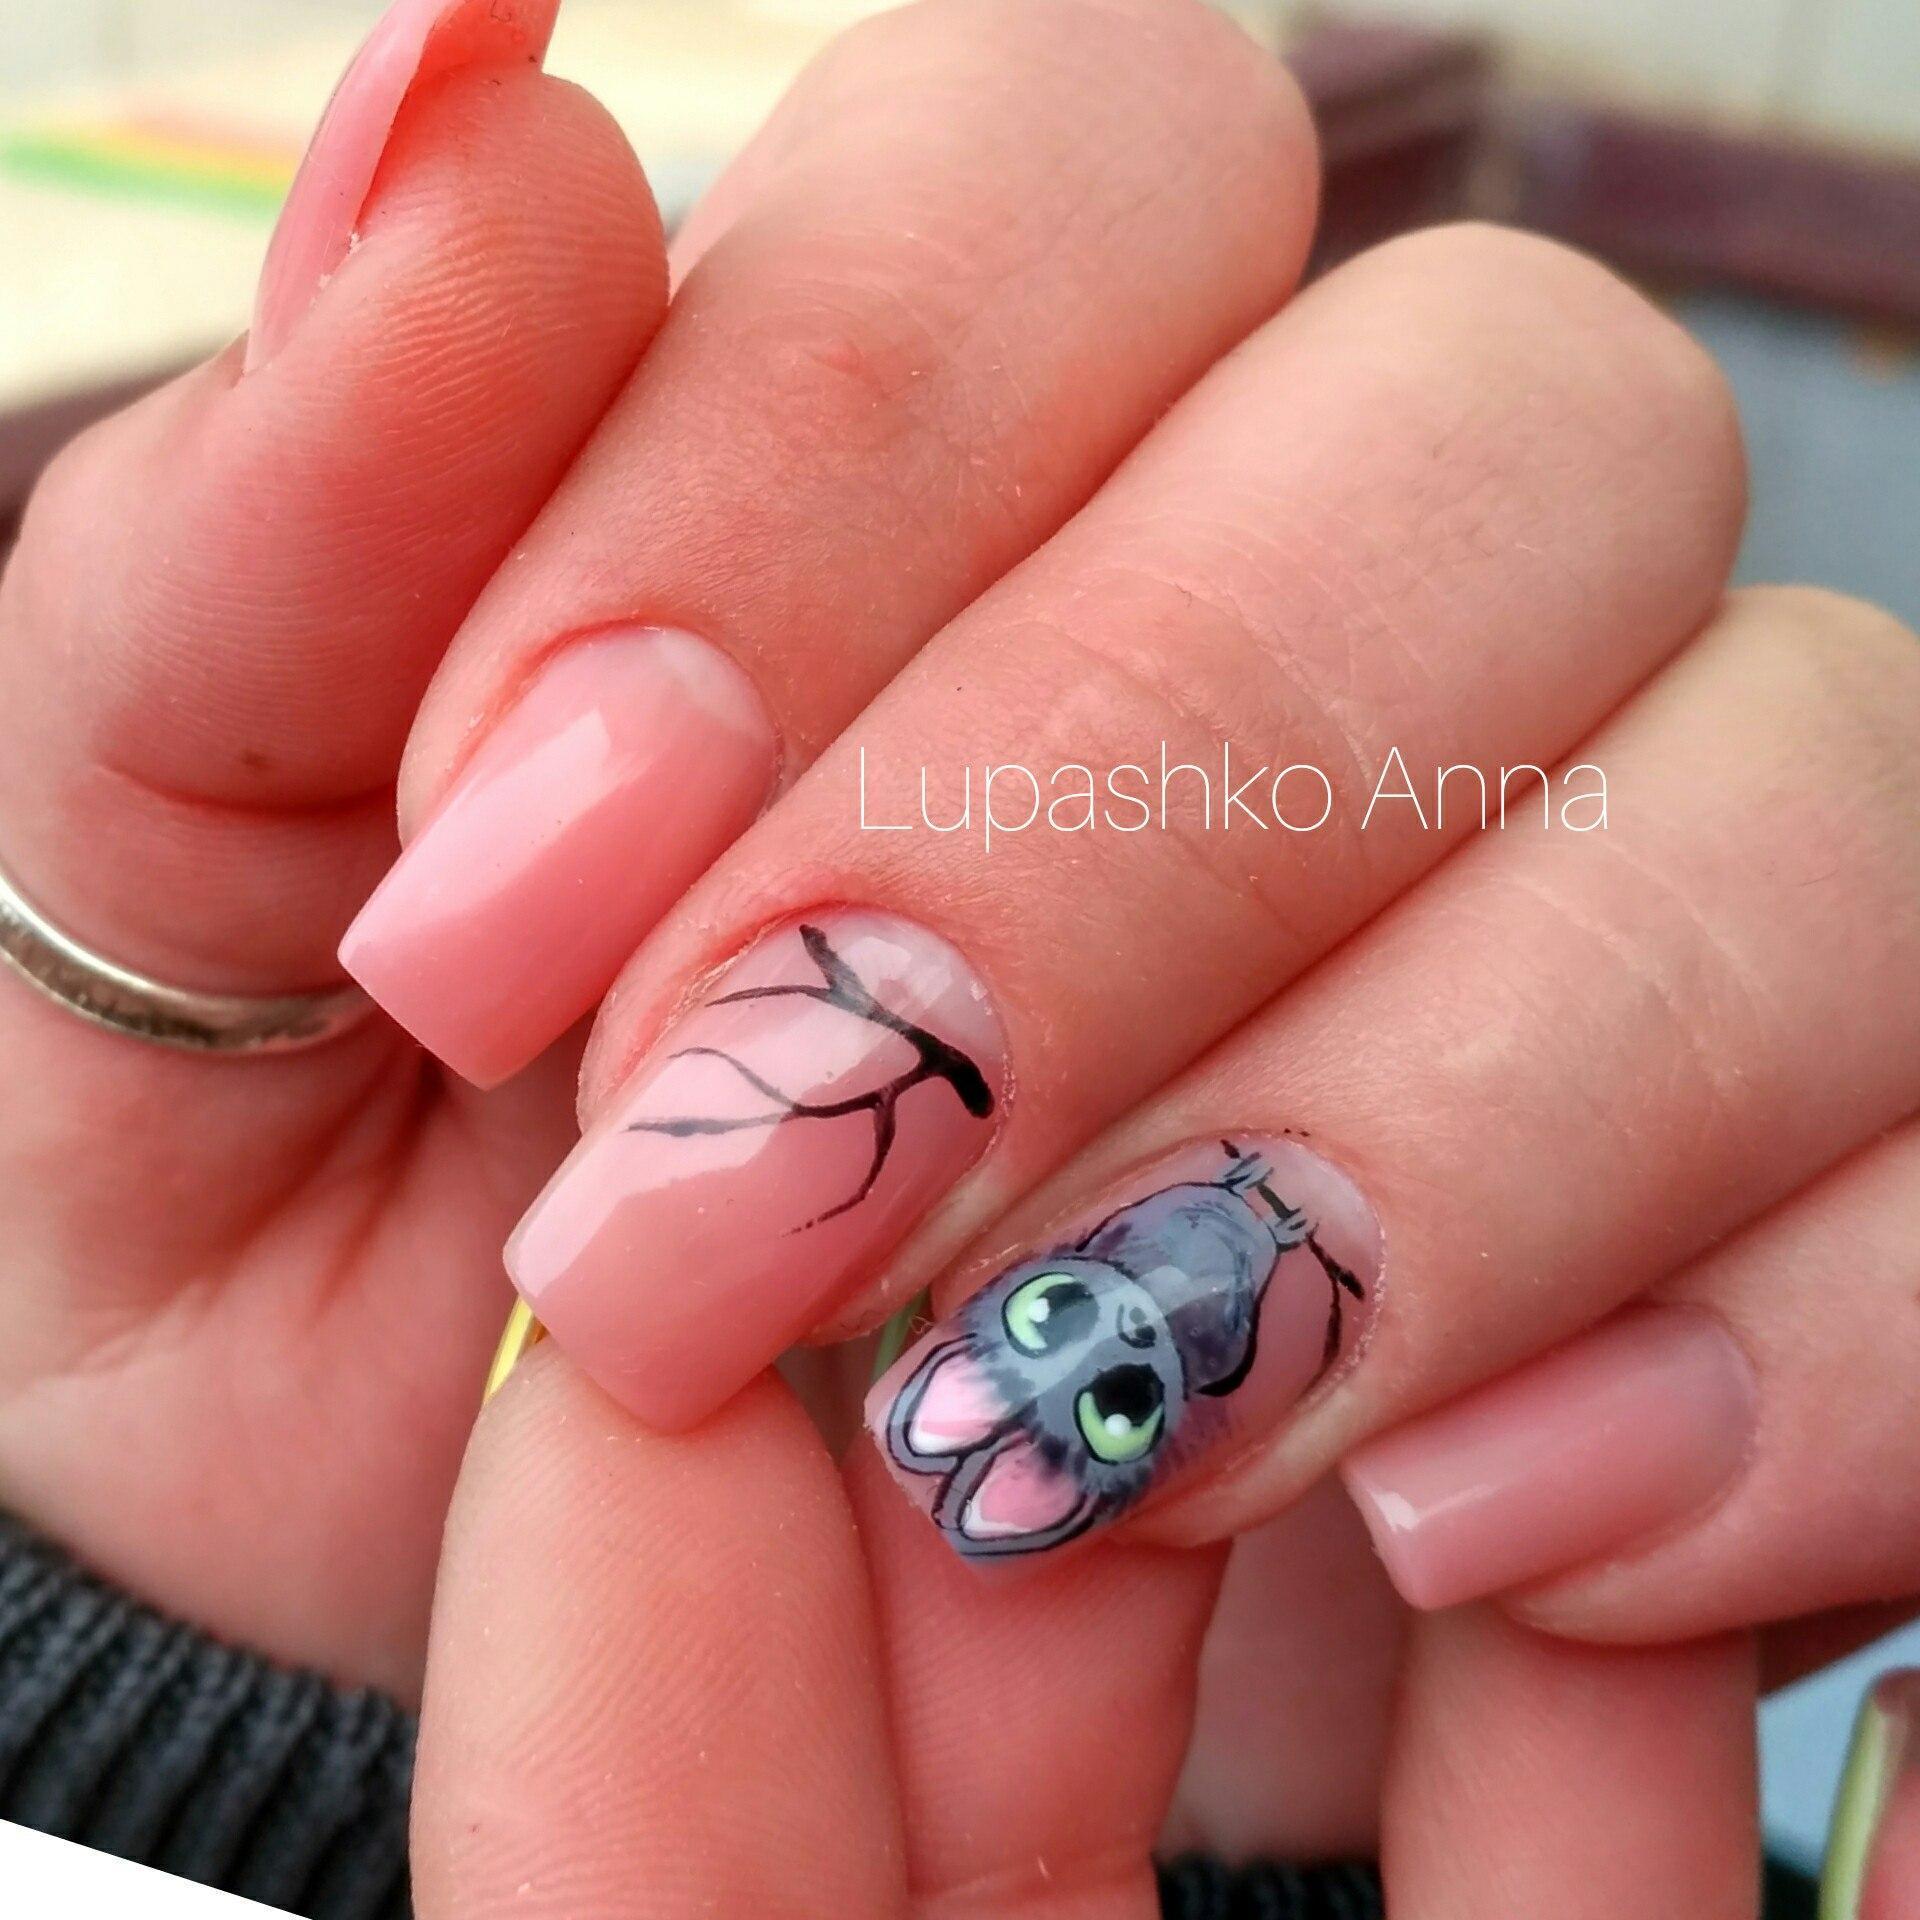 Необычная форма и дизайн ногтей фото